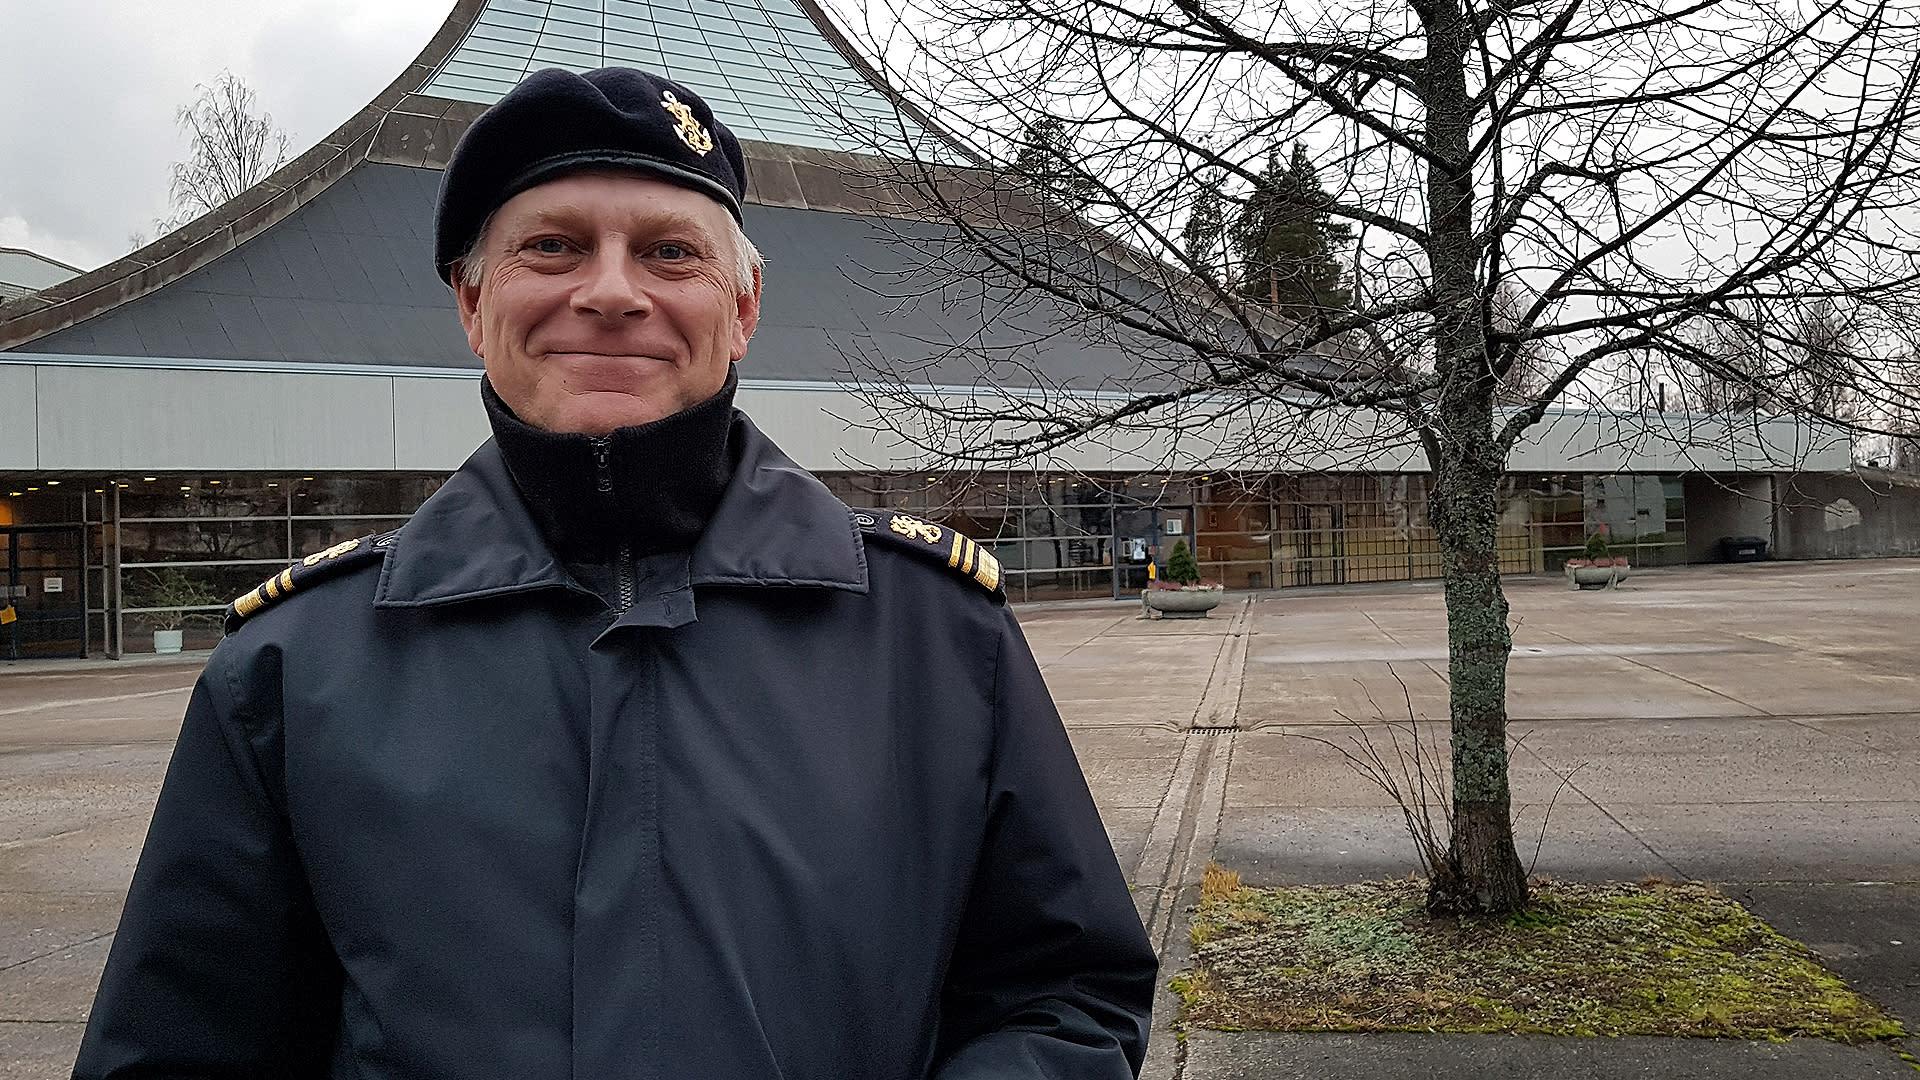 Yliluutnantti Antti-Pekka Kaarna, Lappeenrannan varuskunnan